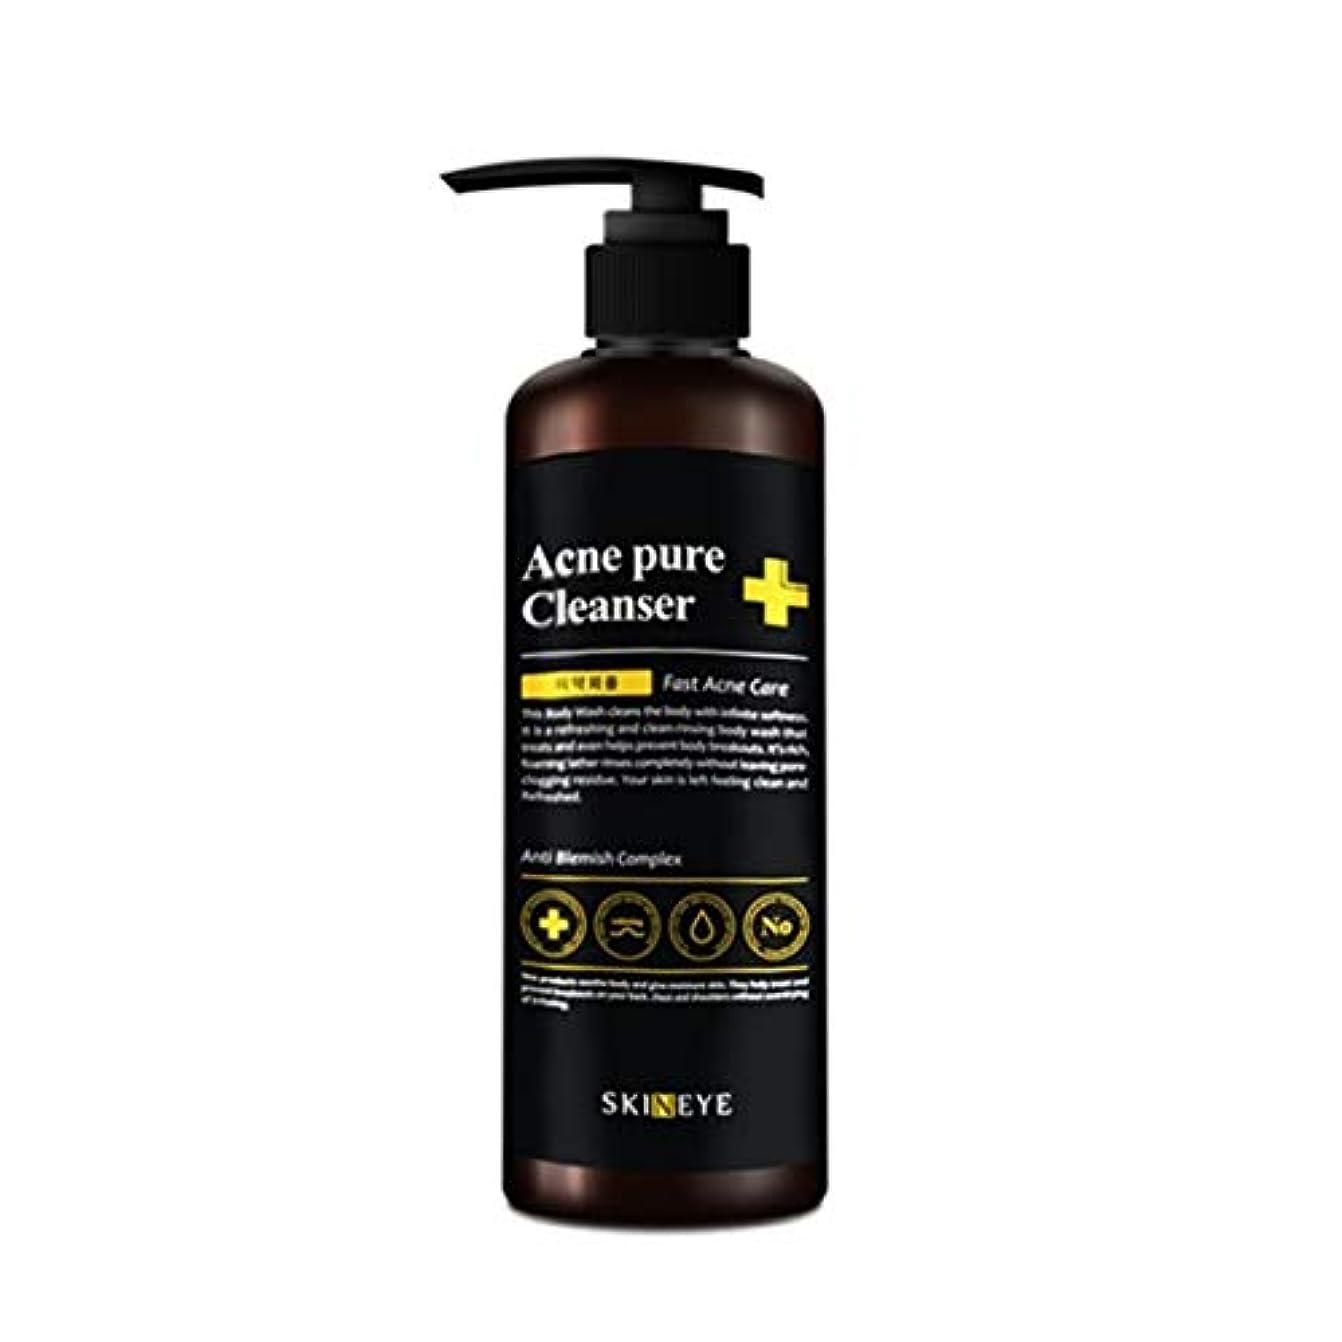 順応性のあるセクタ大惨事スキンアイアクネピュアクレンザー300mlの老廃物除去、Skineye Acne Pure Cleanser 300ml Waste Removal [並行輸入品]